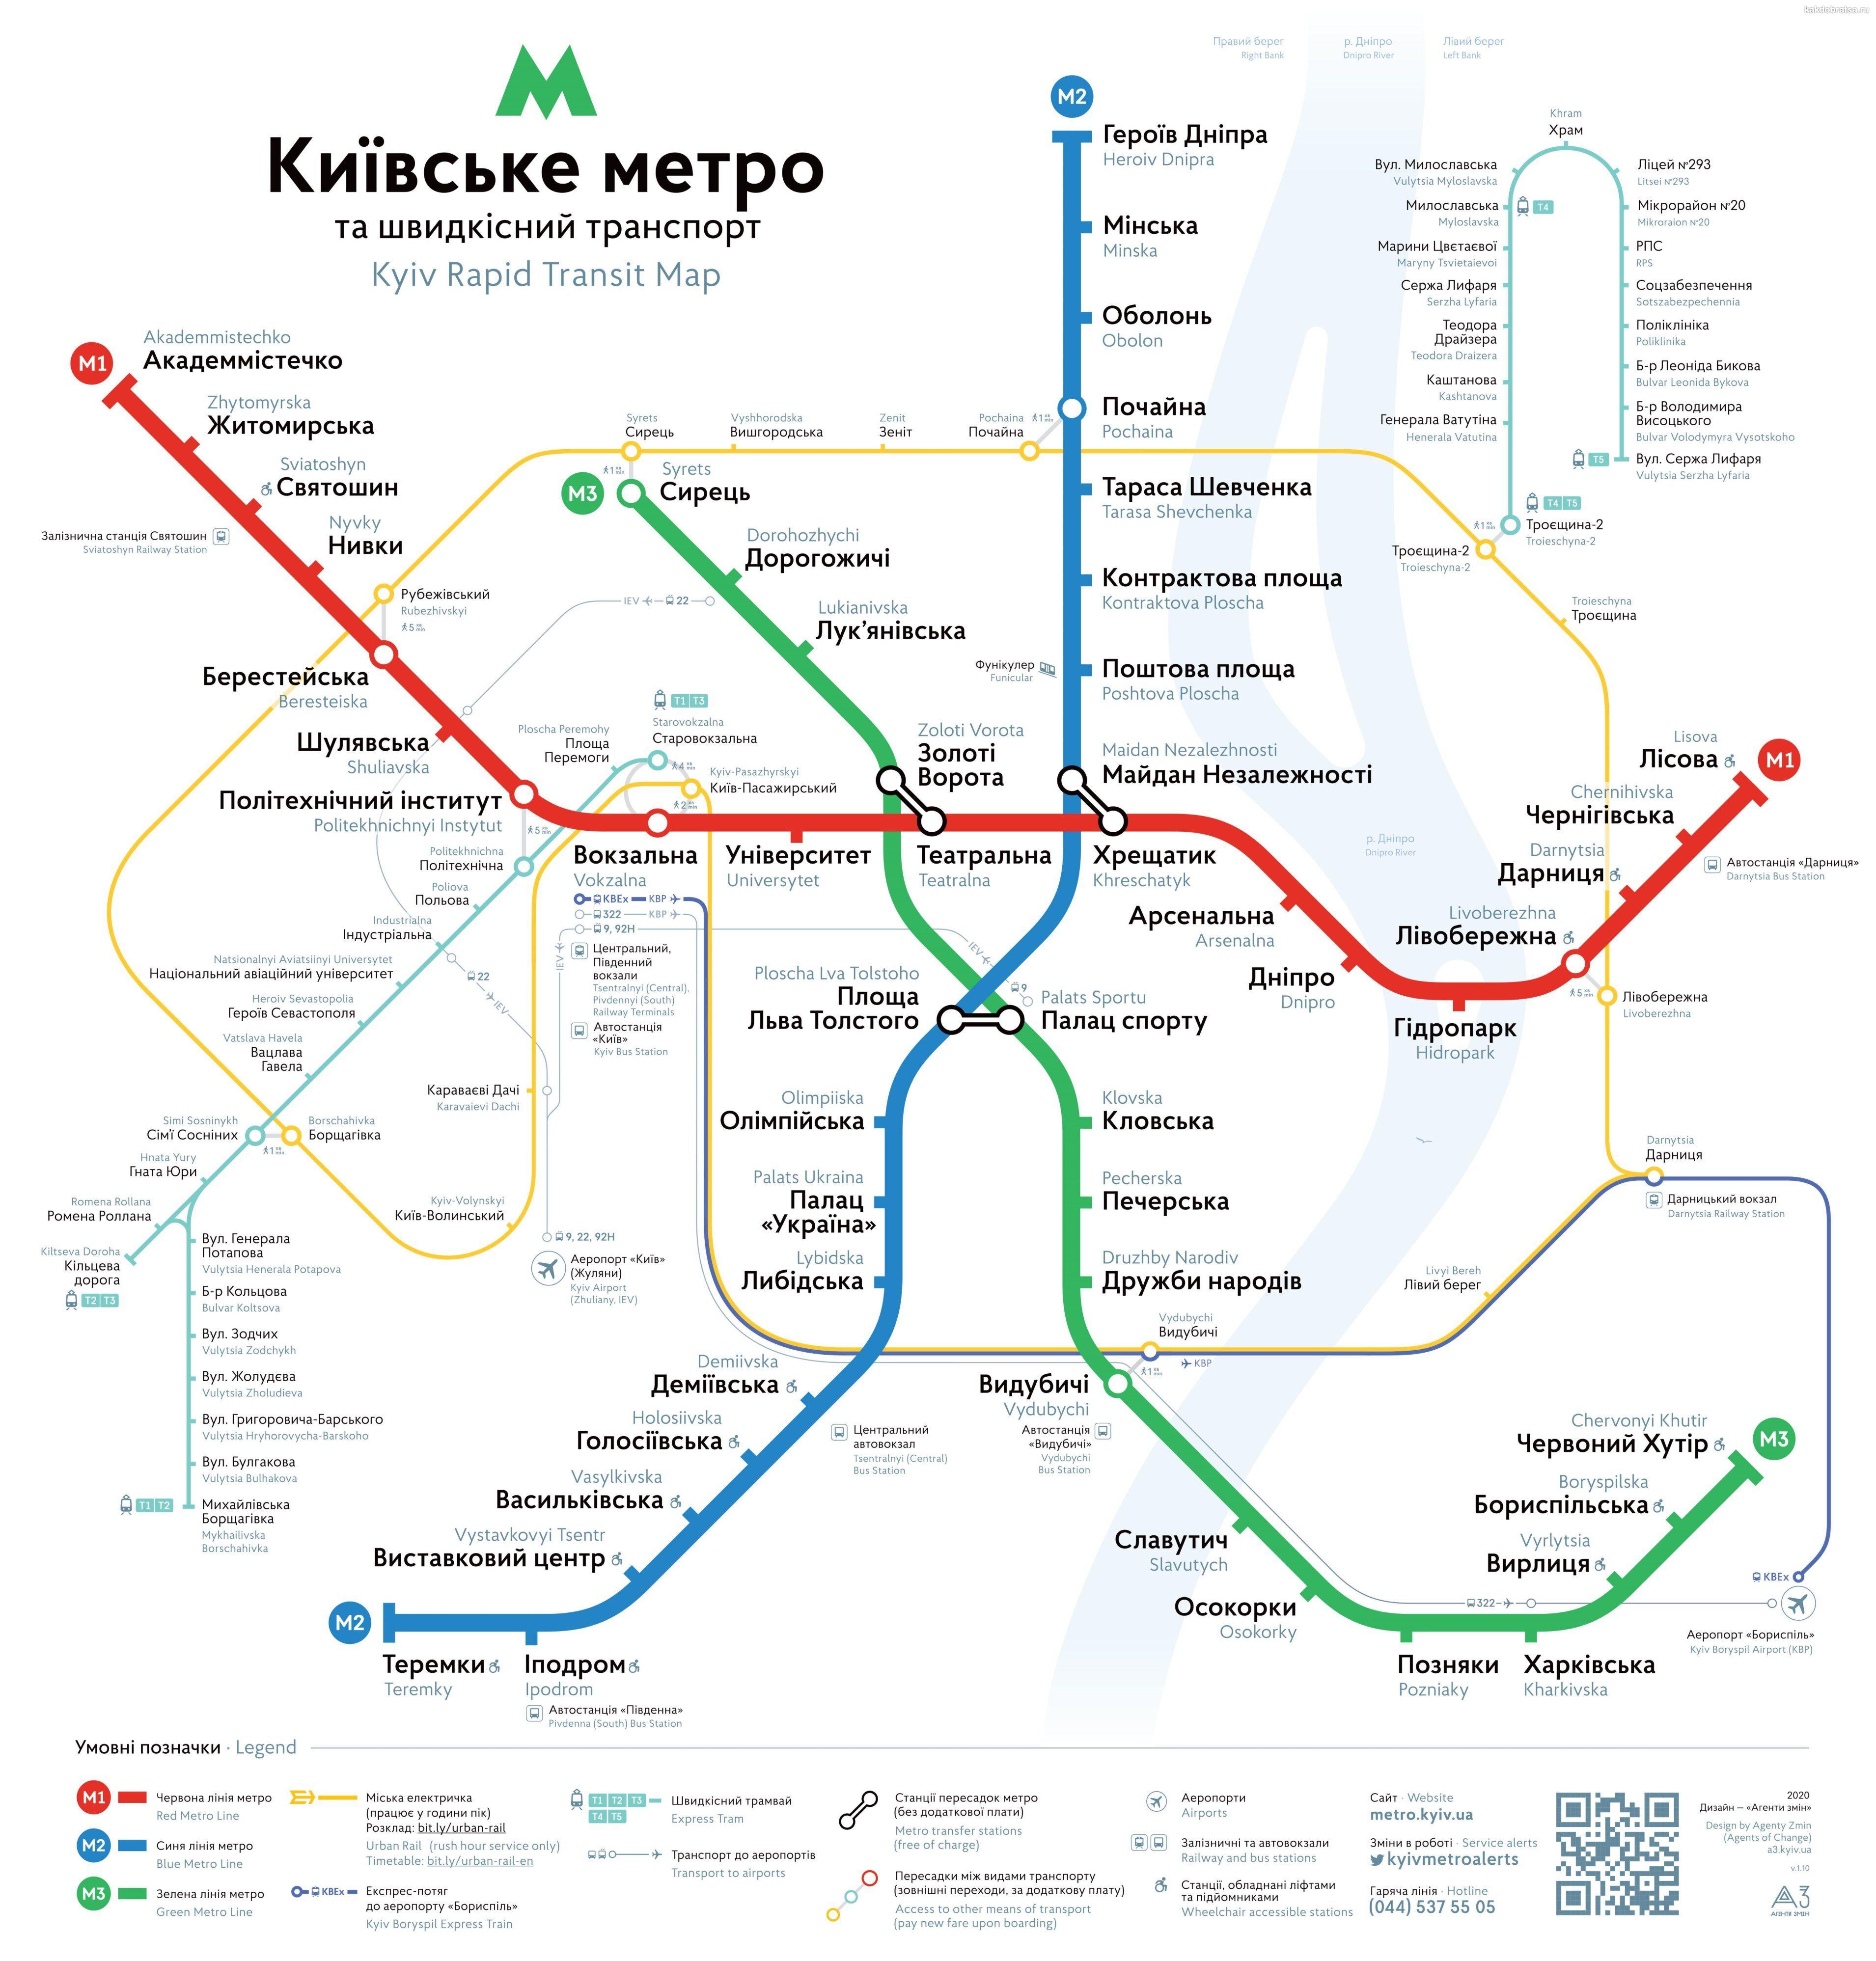 Метро Киева карта схема